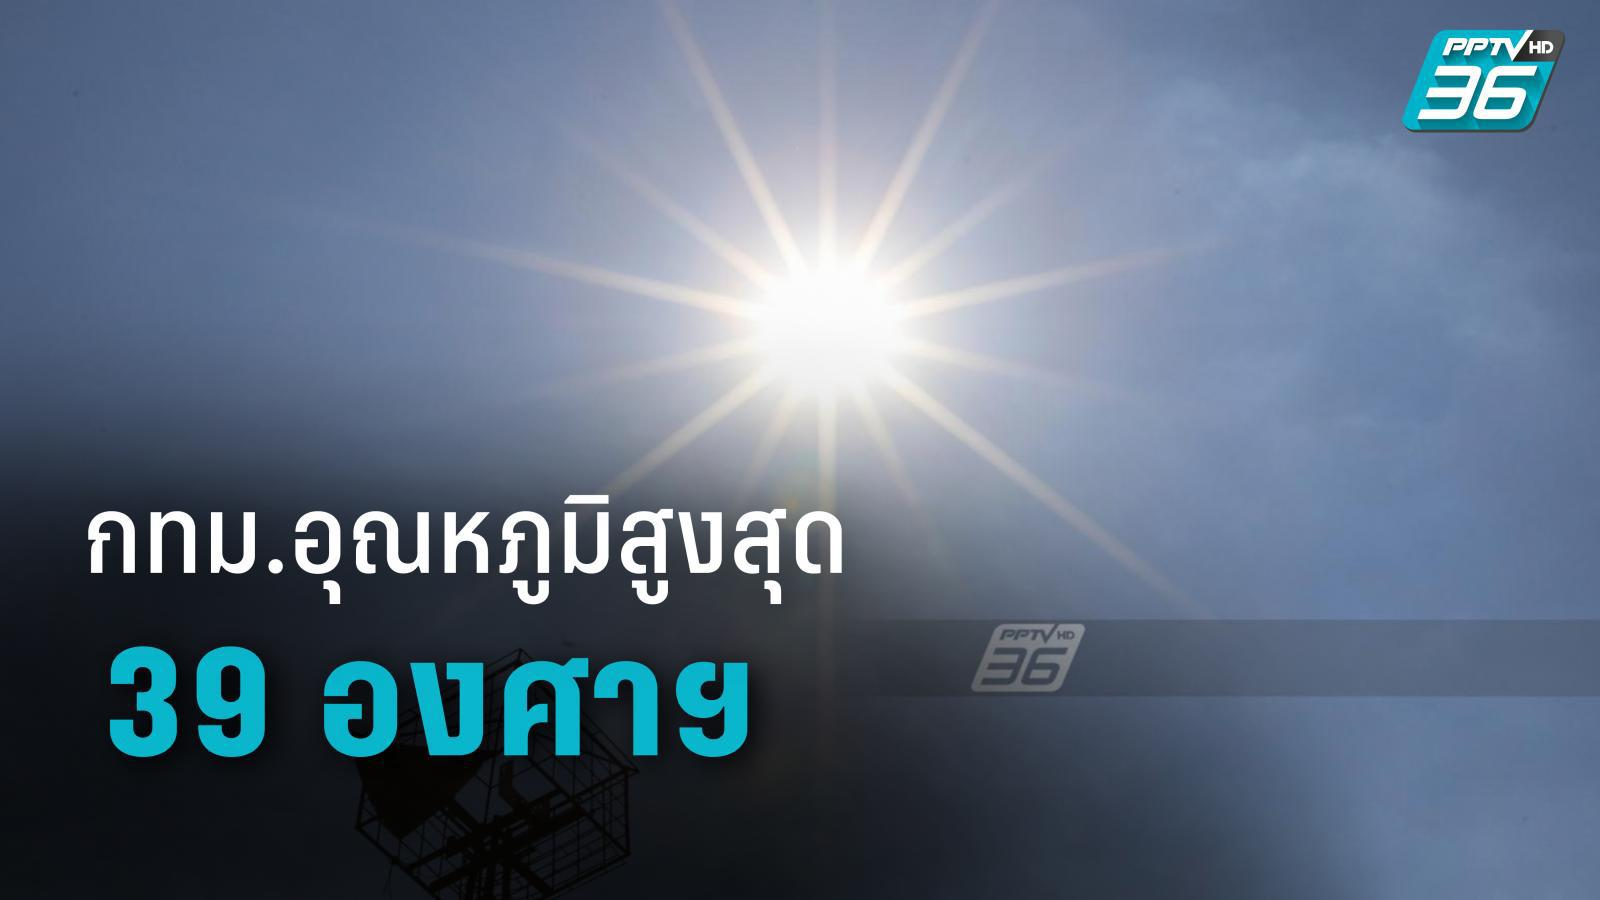 อุตุฯ เผย กทม.อากาศร้อนอุณหภูมิสูงสุด 39 องศาฯ